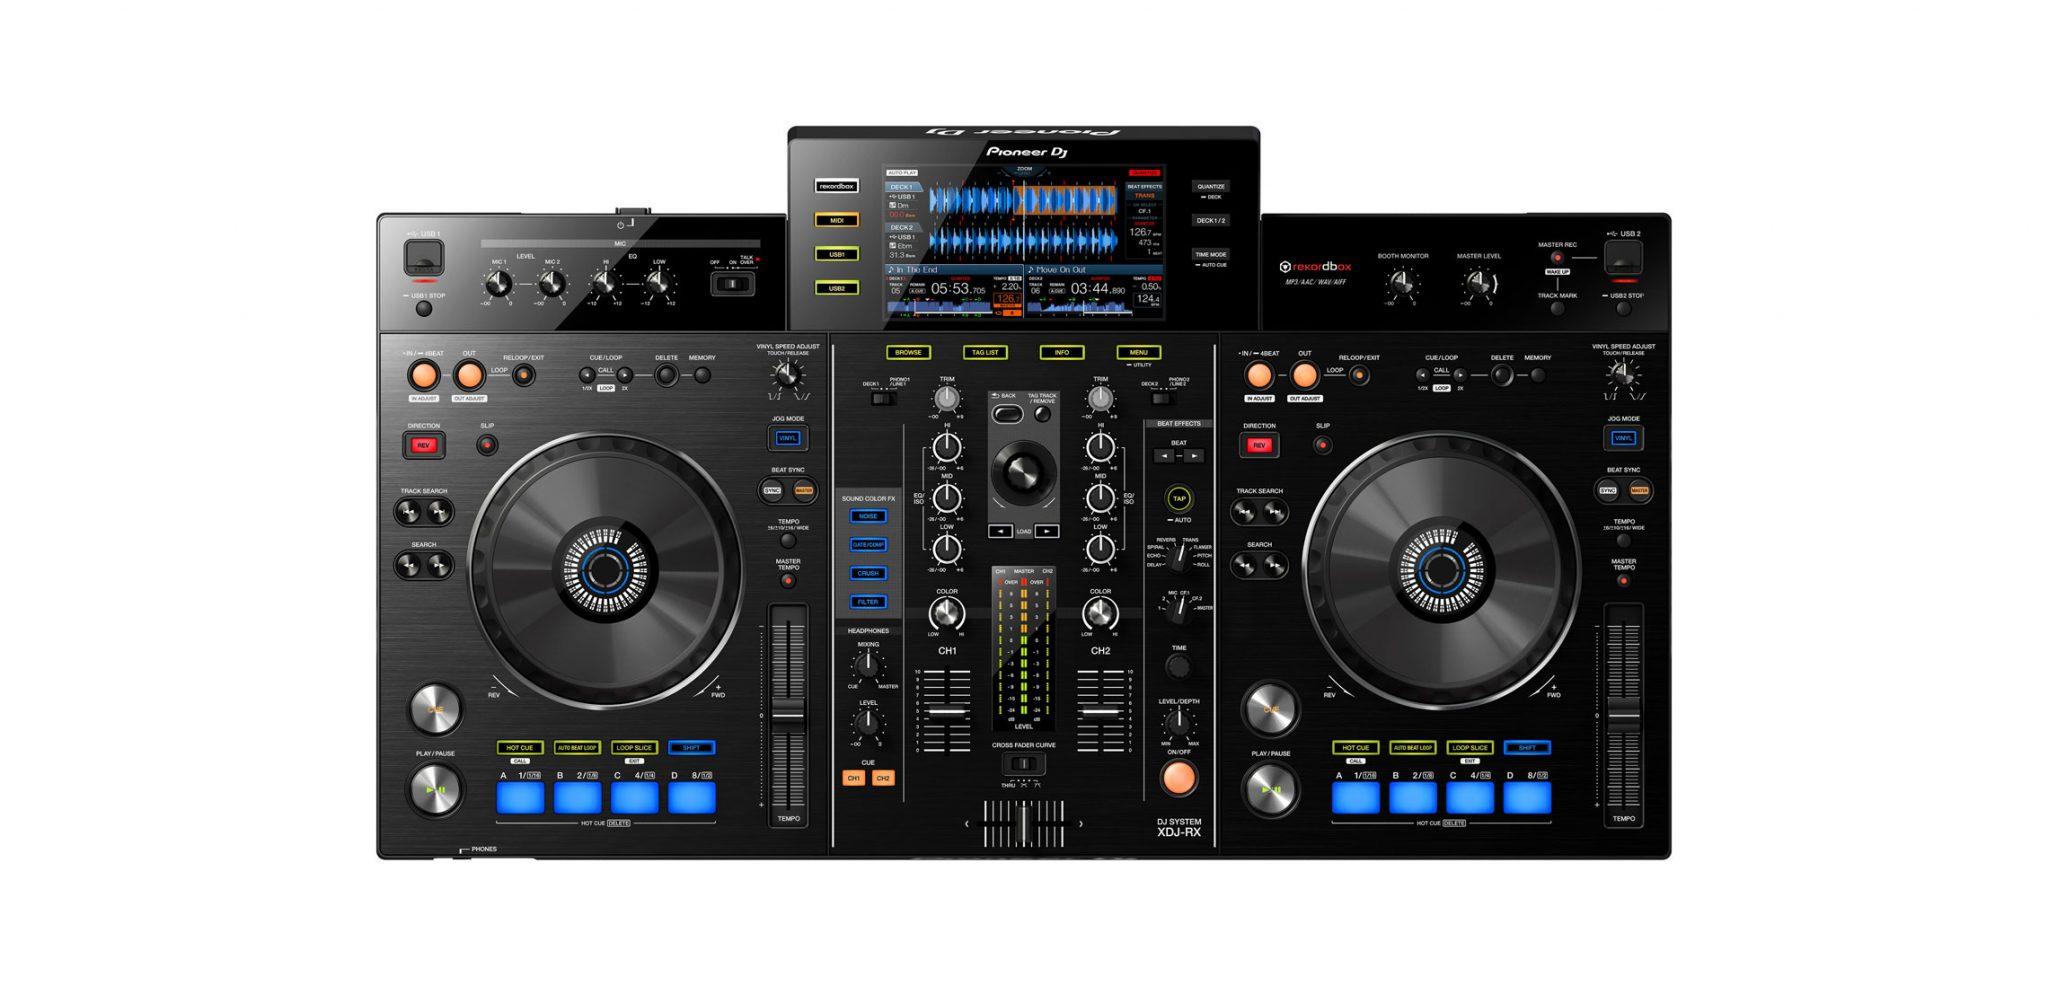 XDJ-RX to come bundled with rekordbox dj